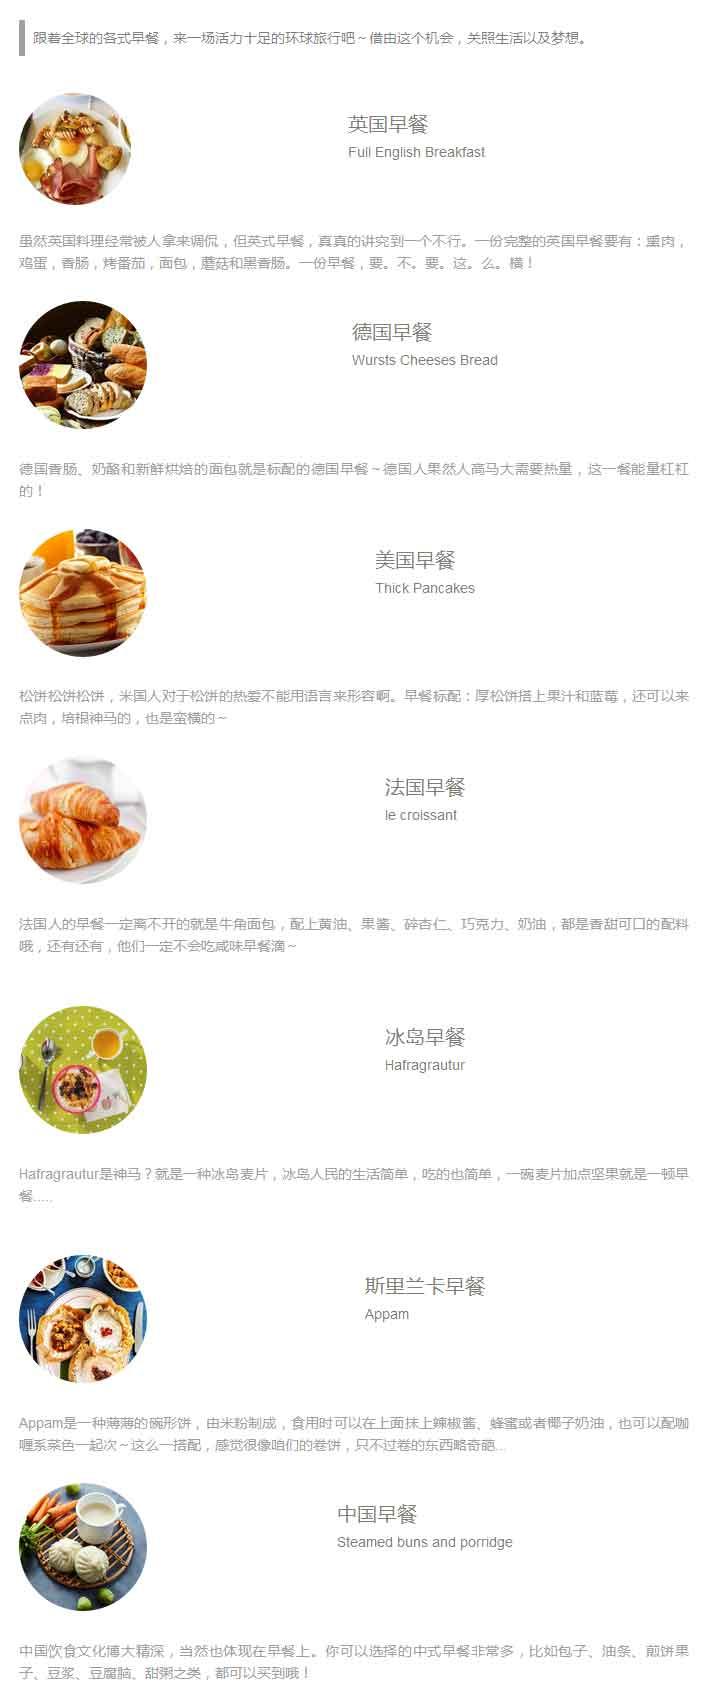 美食介绍 餐饮菜色菜品介绍简洁微信全文模板